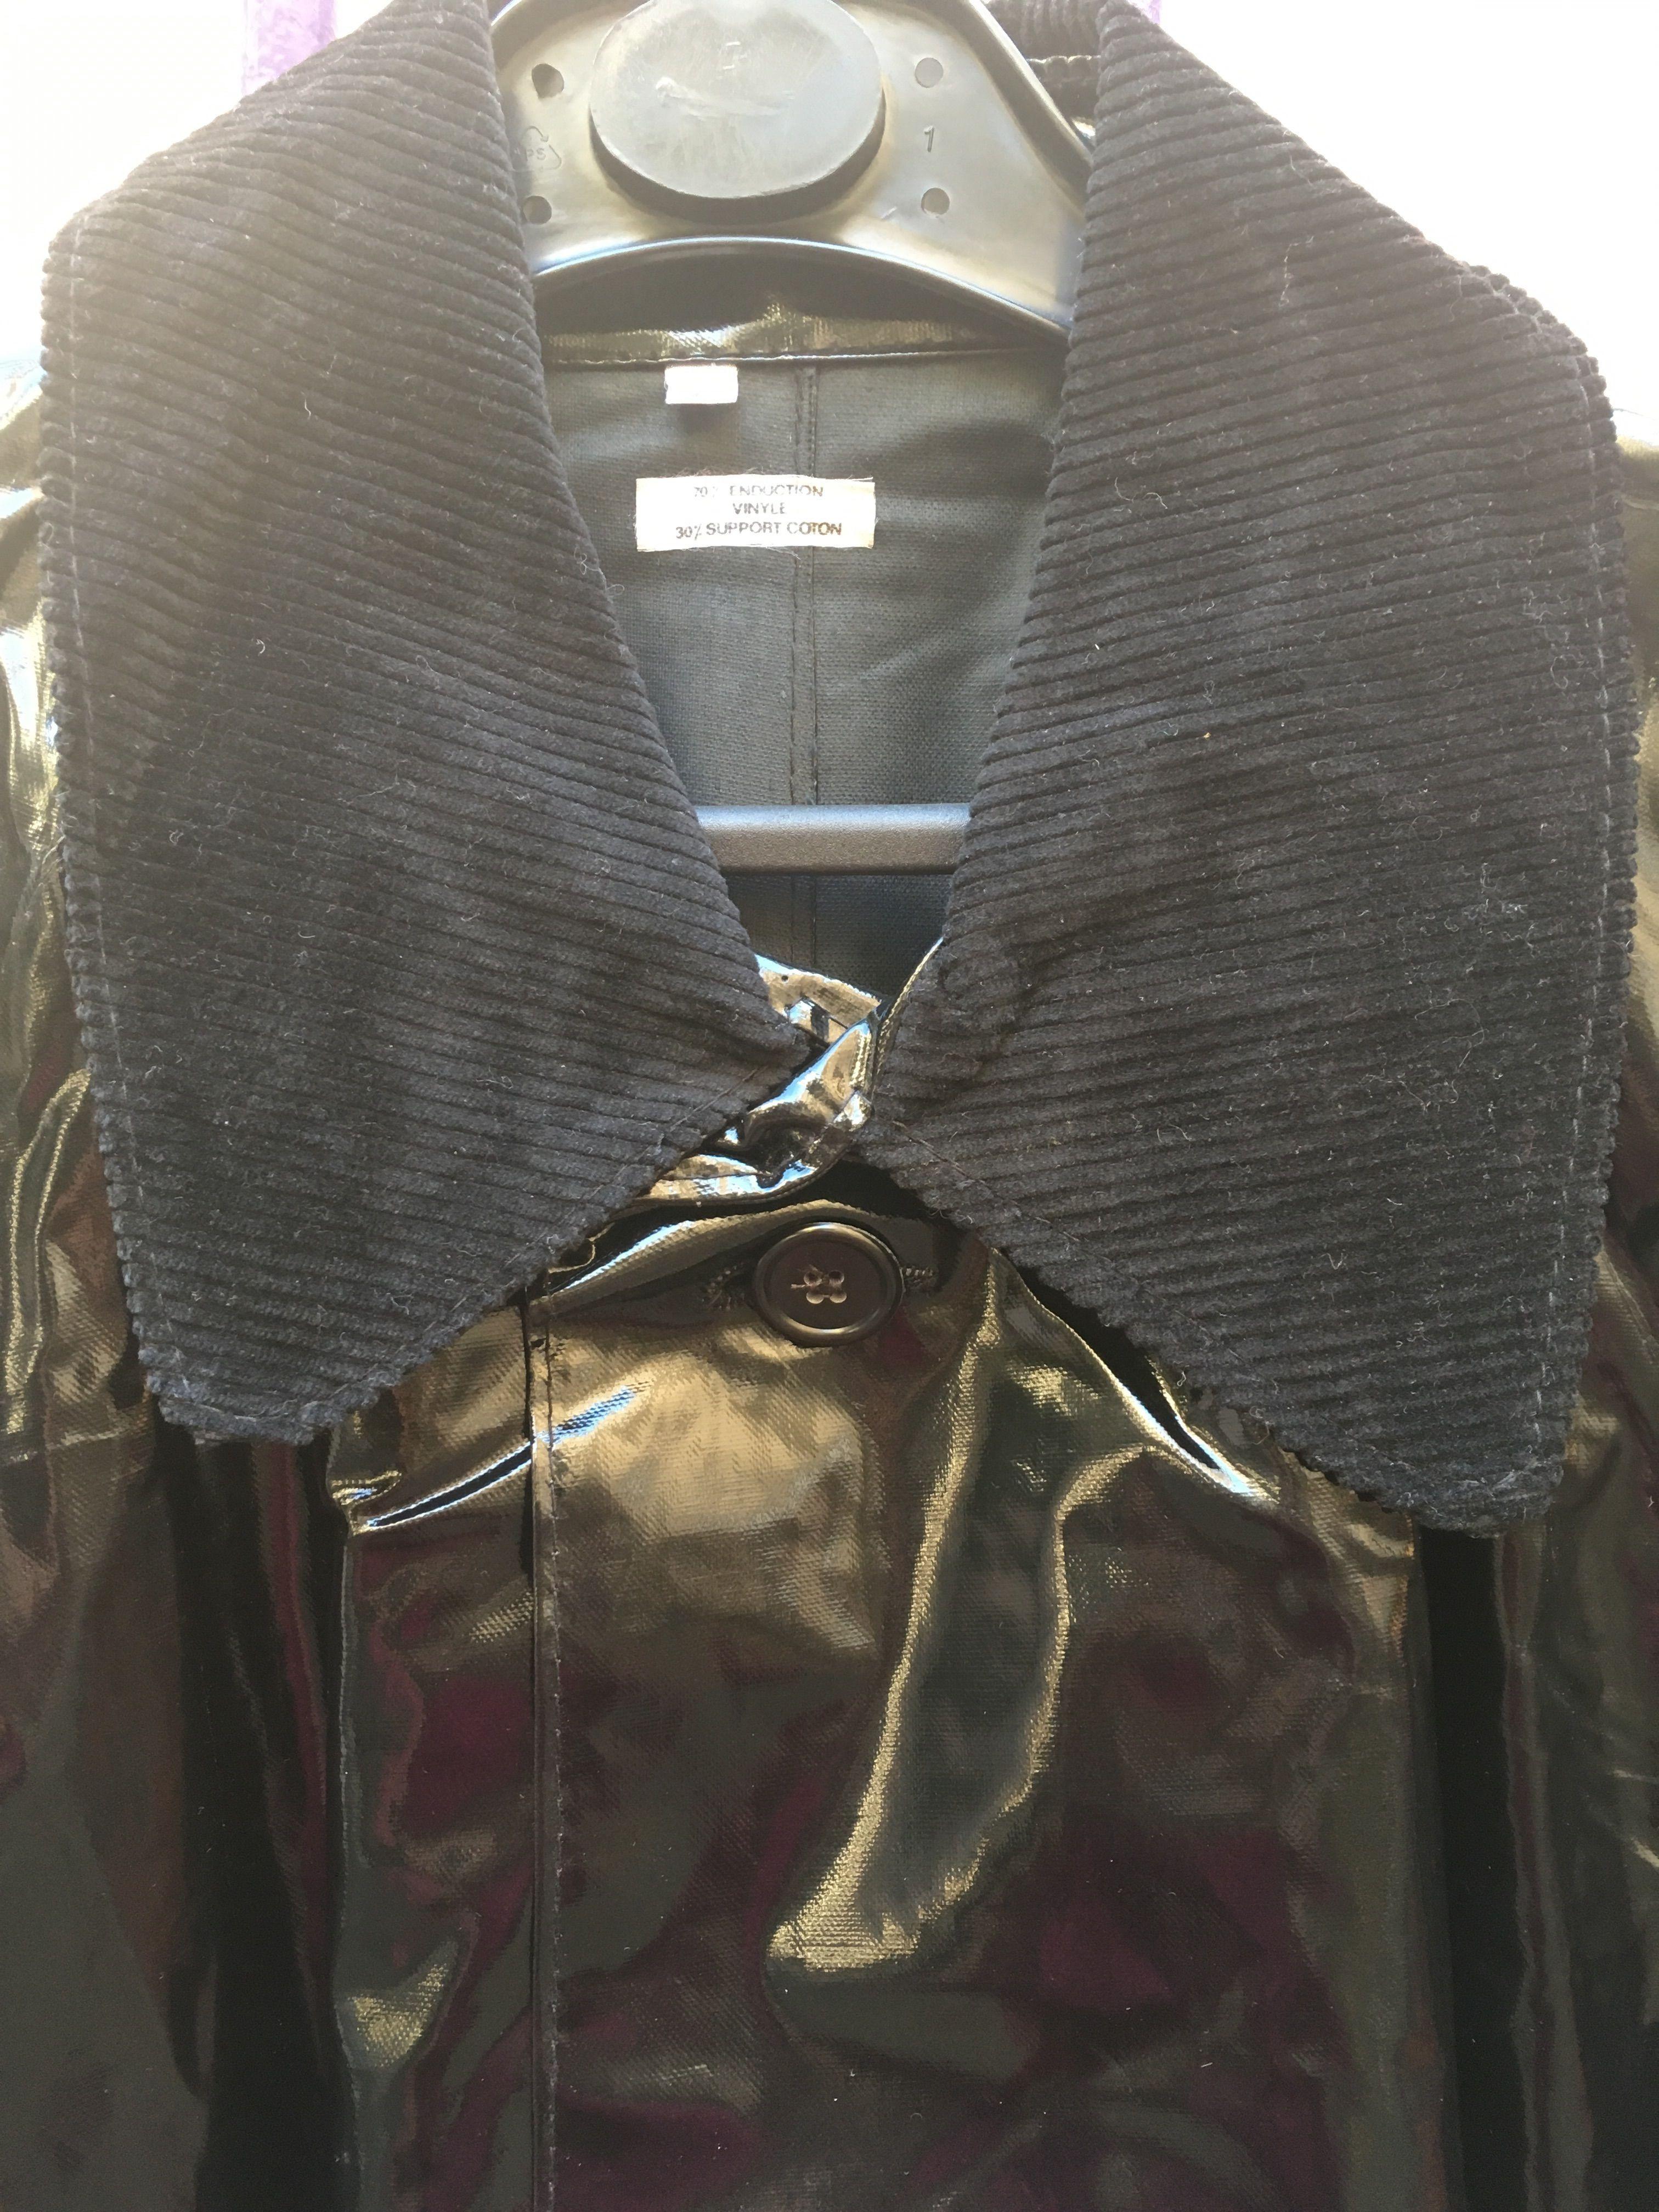 Manteaux - Manteau en vinyle